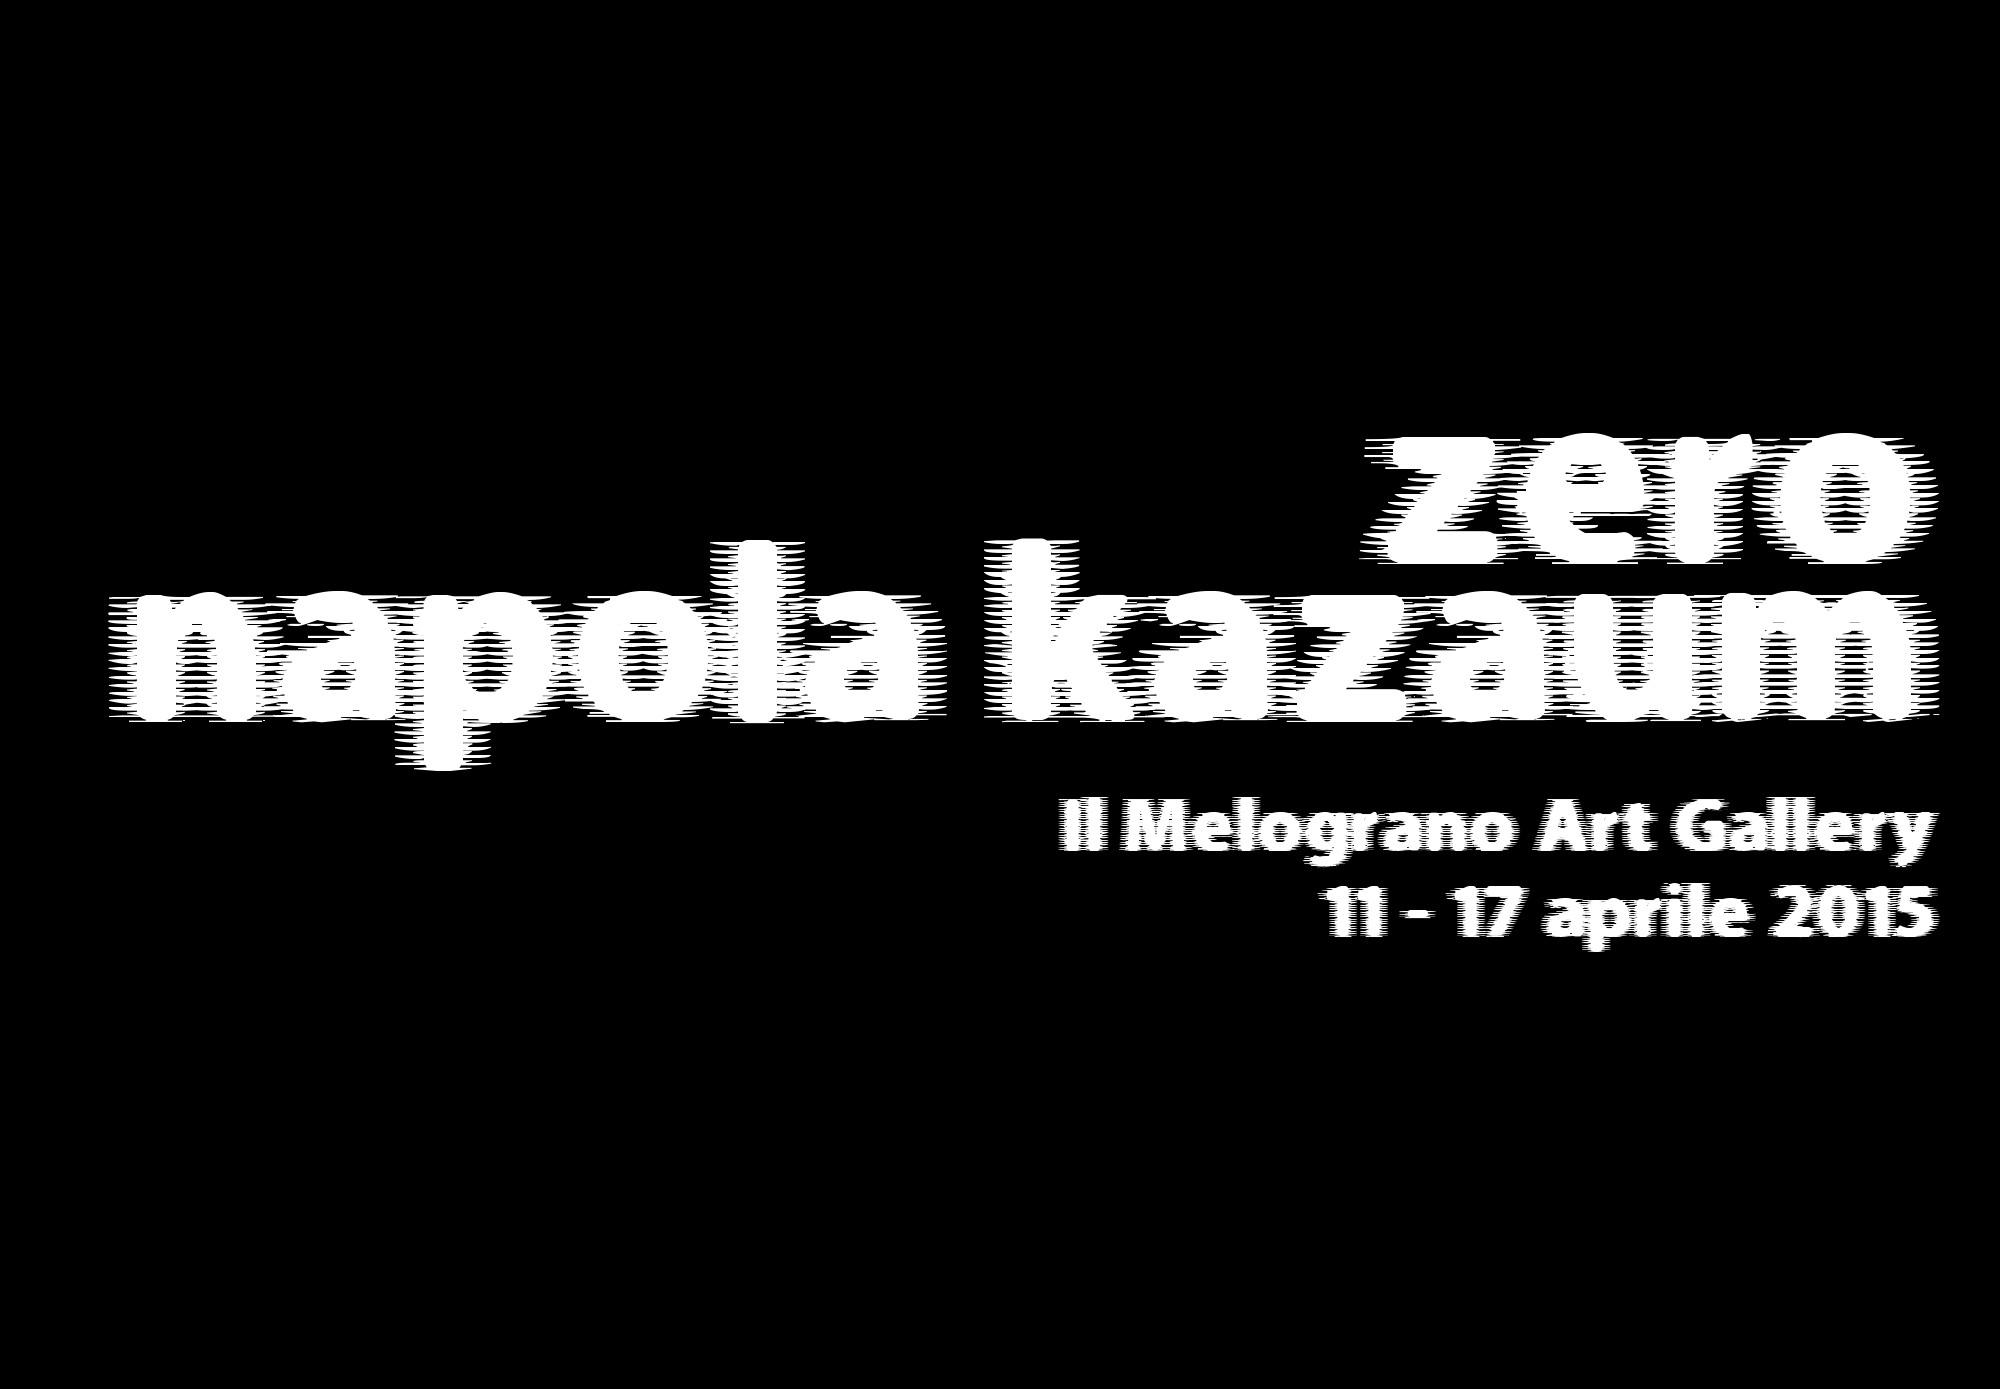 Napola Kazaum Il Melograno Art Gallery